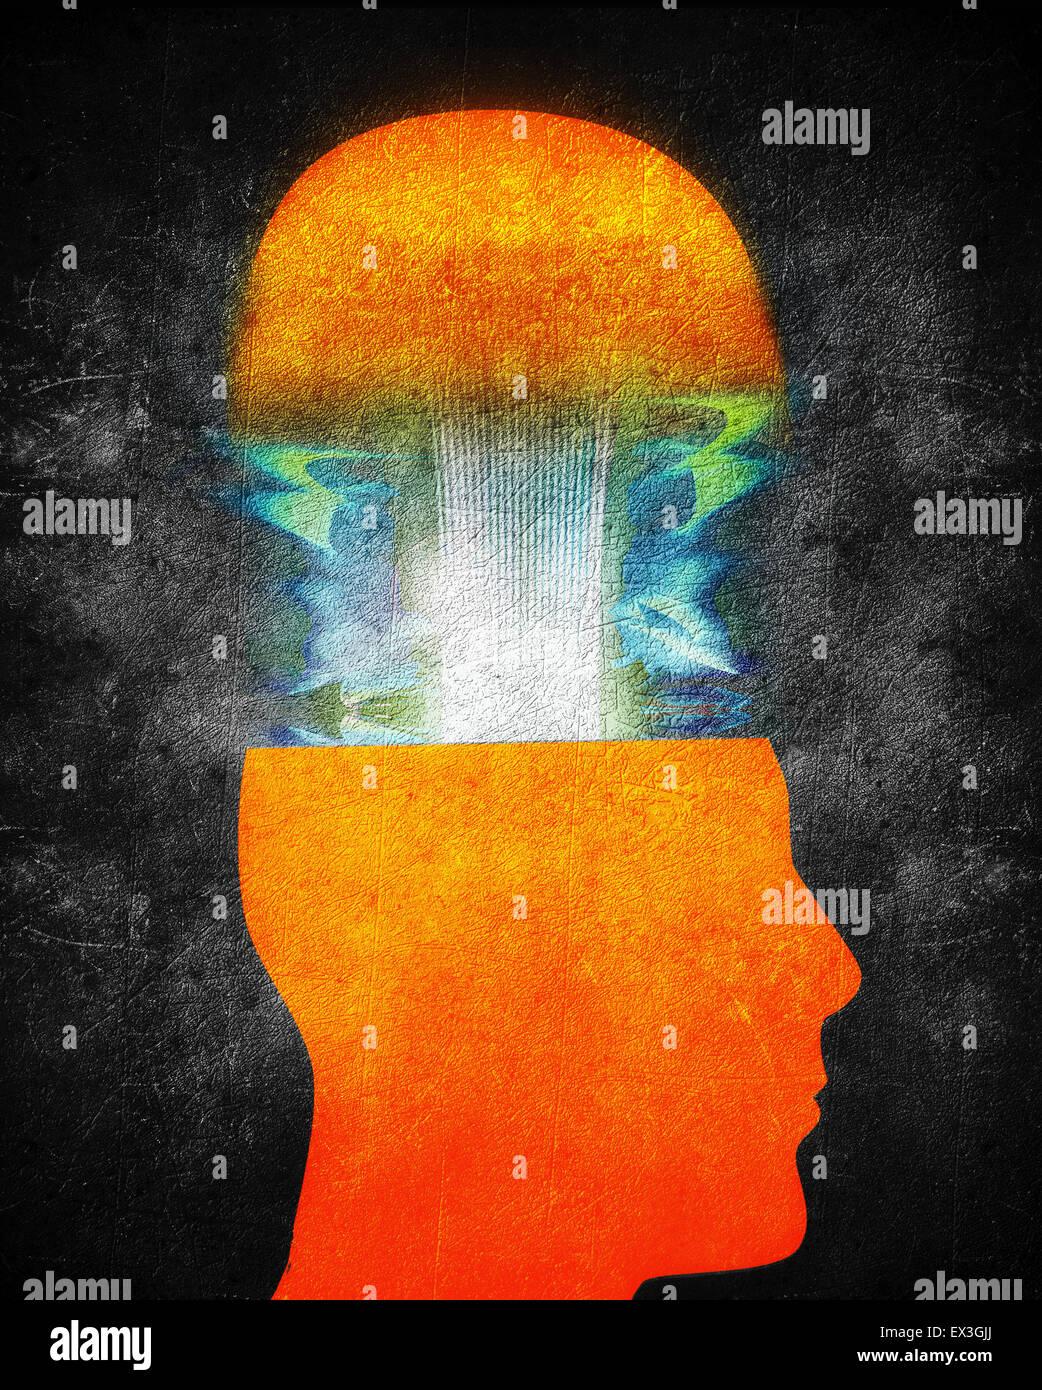 Ilustración del concepto de creatividad con cabeza humana naranja Imagen De Stock